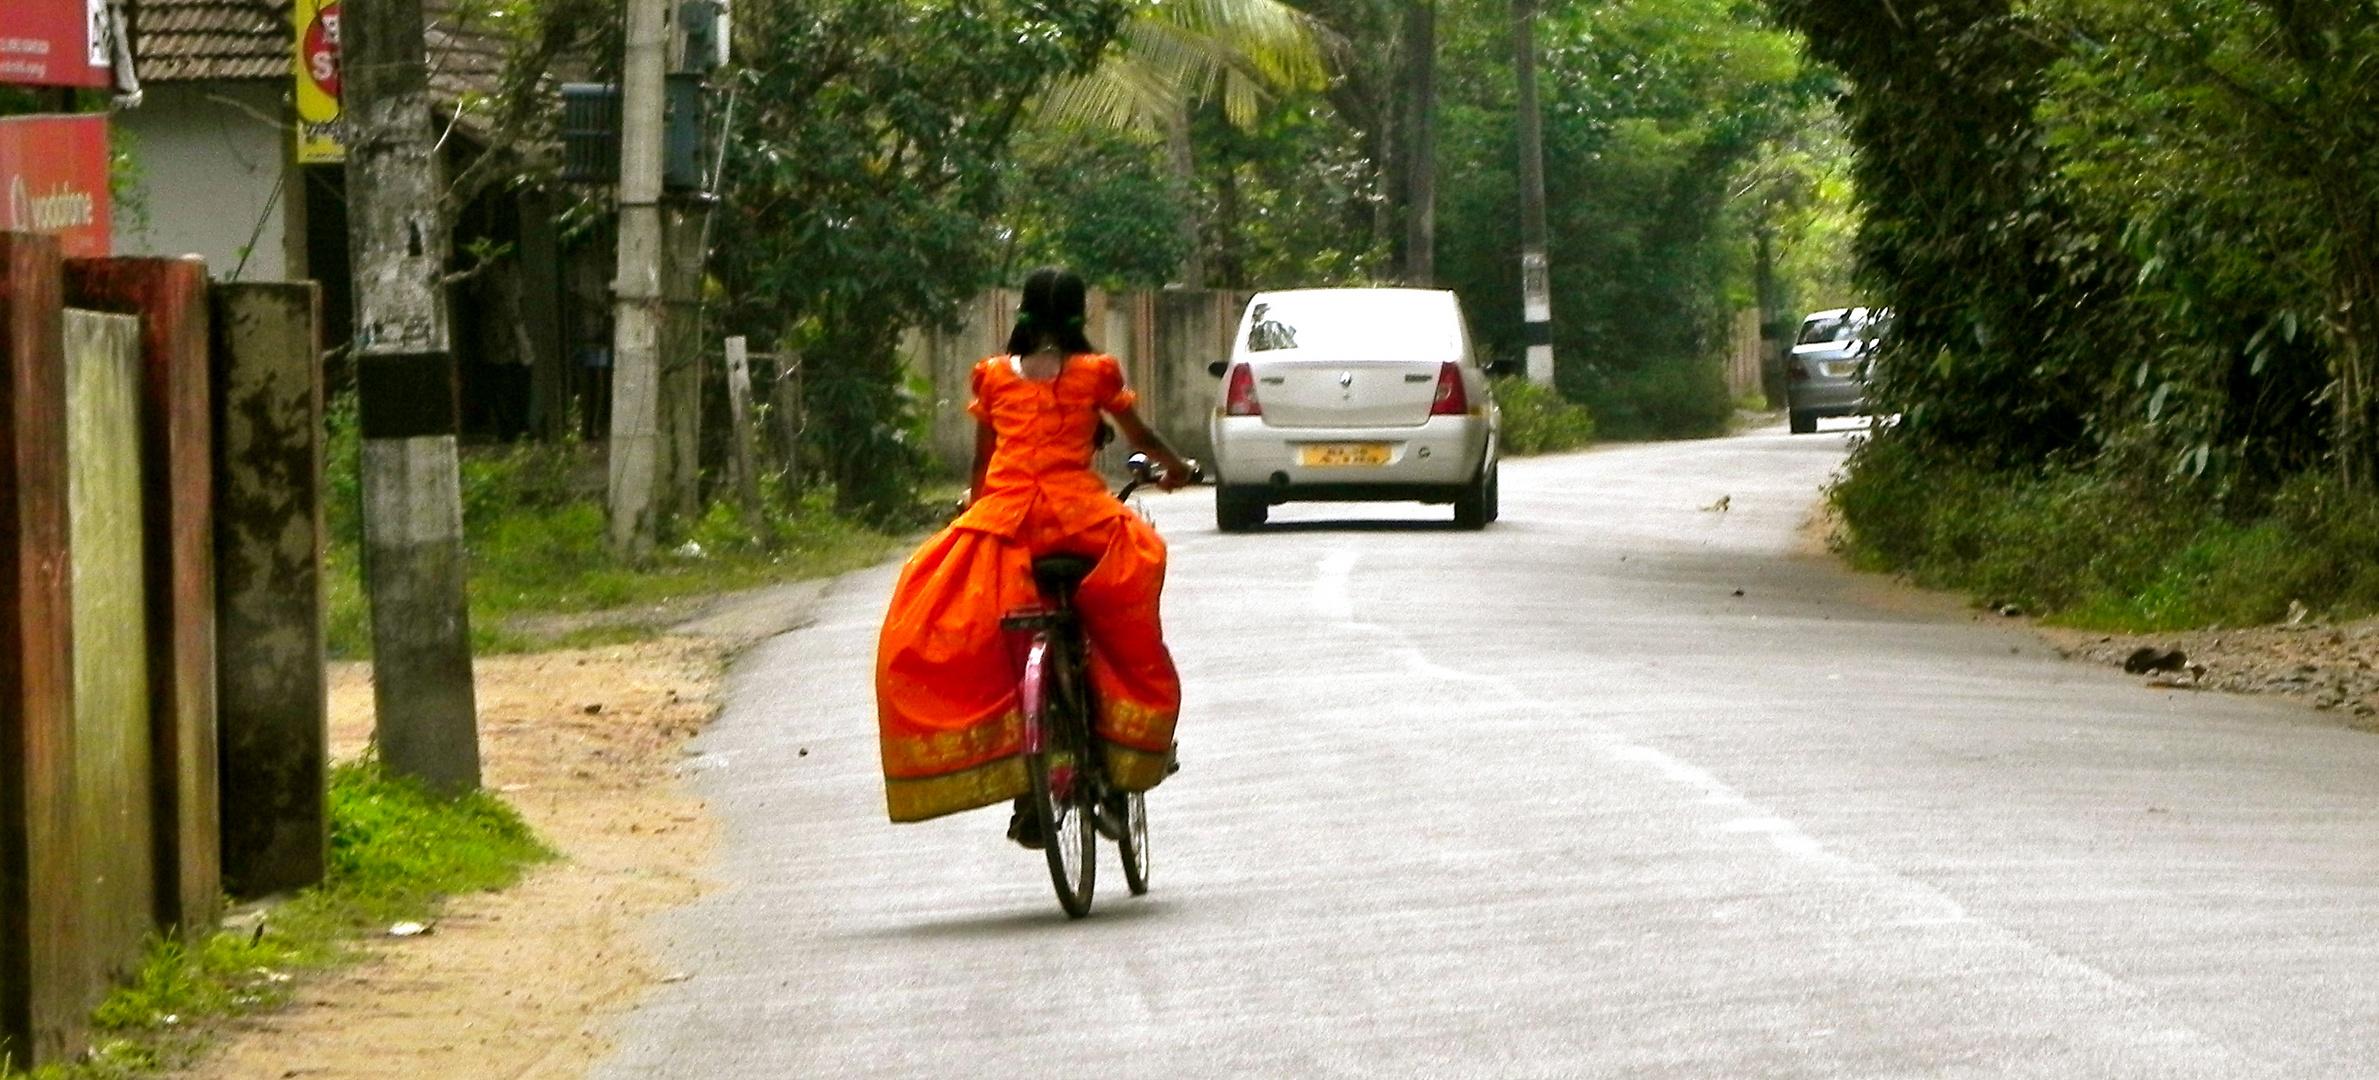 Kerala, Traffic